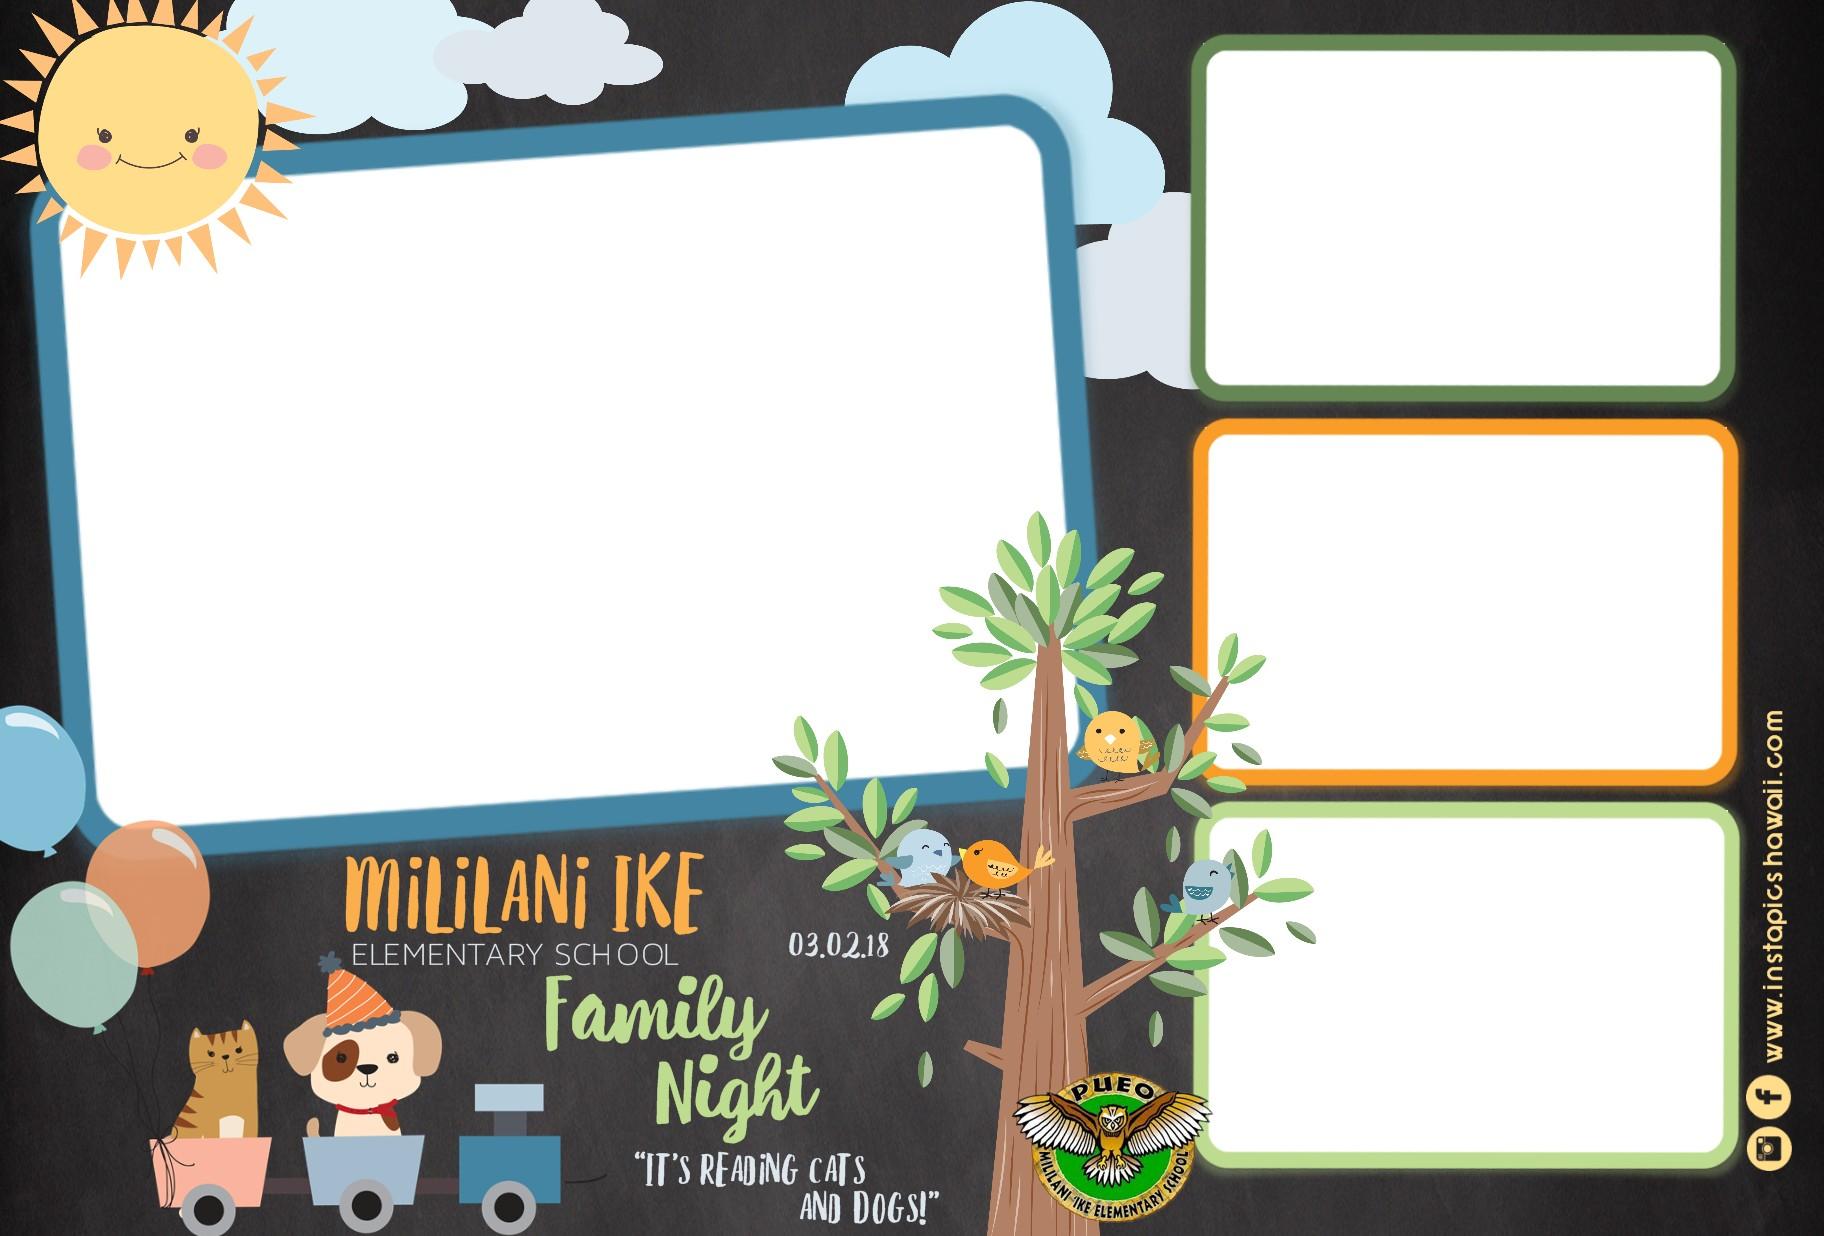 Mililani Ike